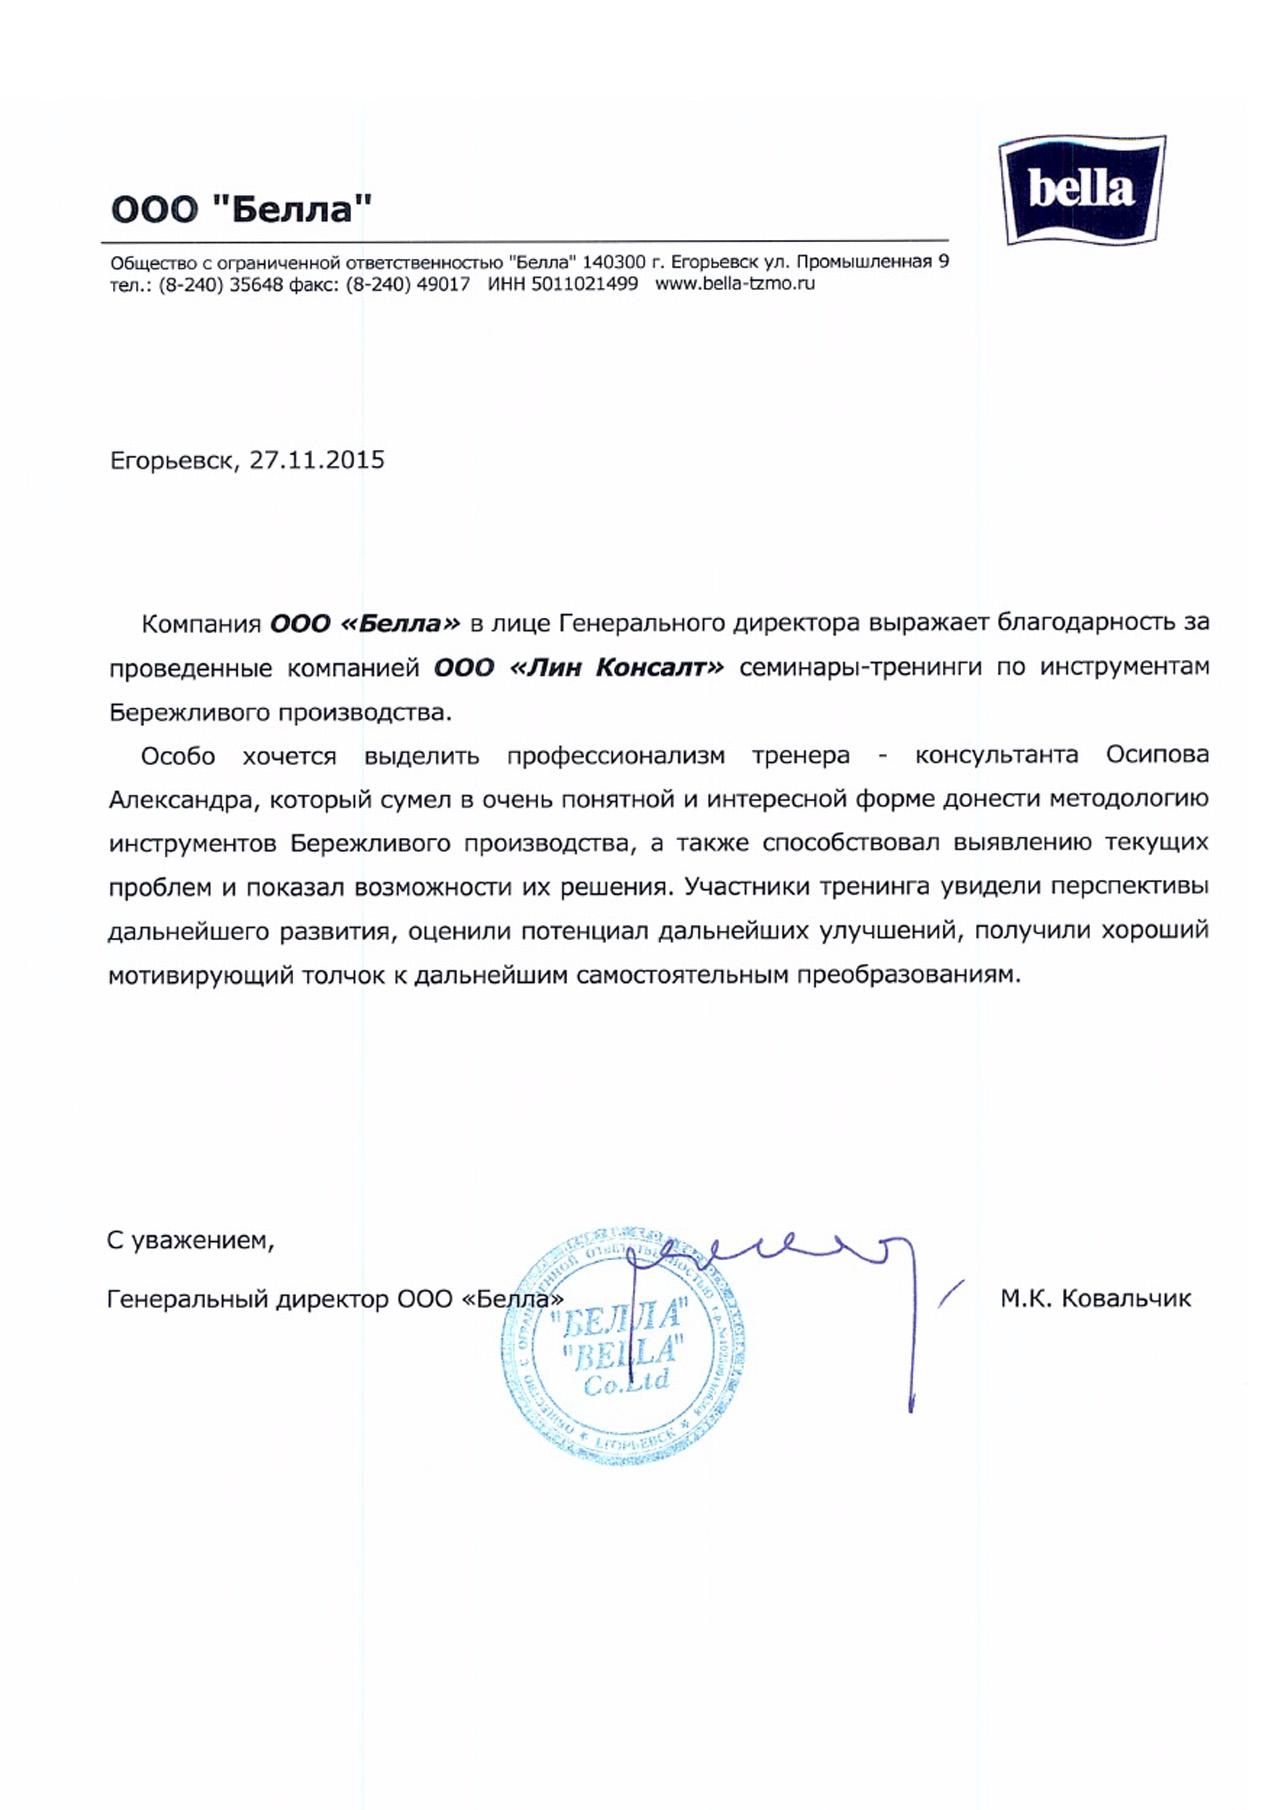 Быстрая переналадка оборудования_Белла